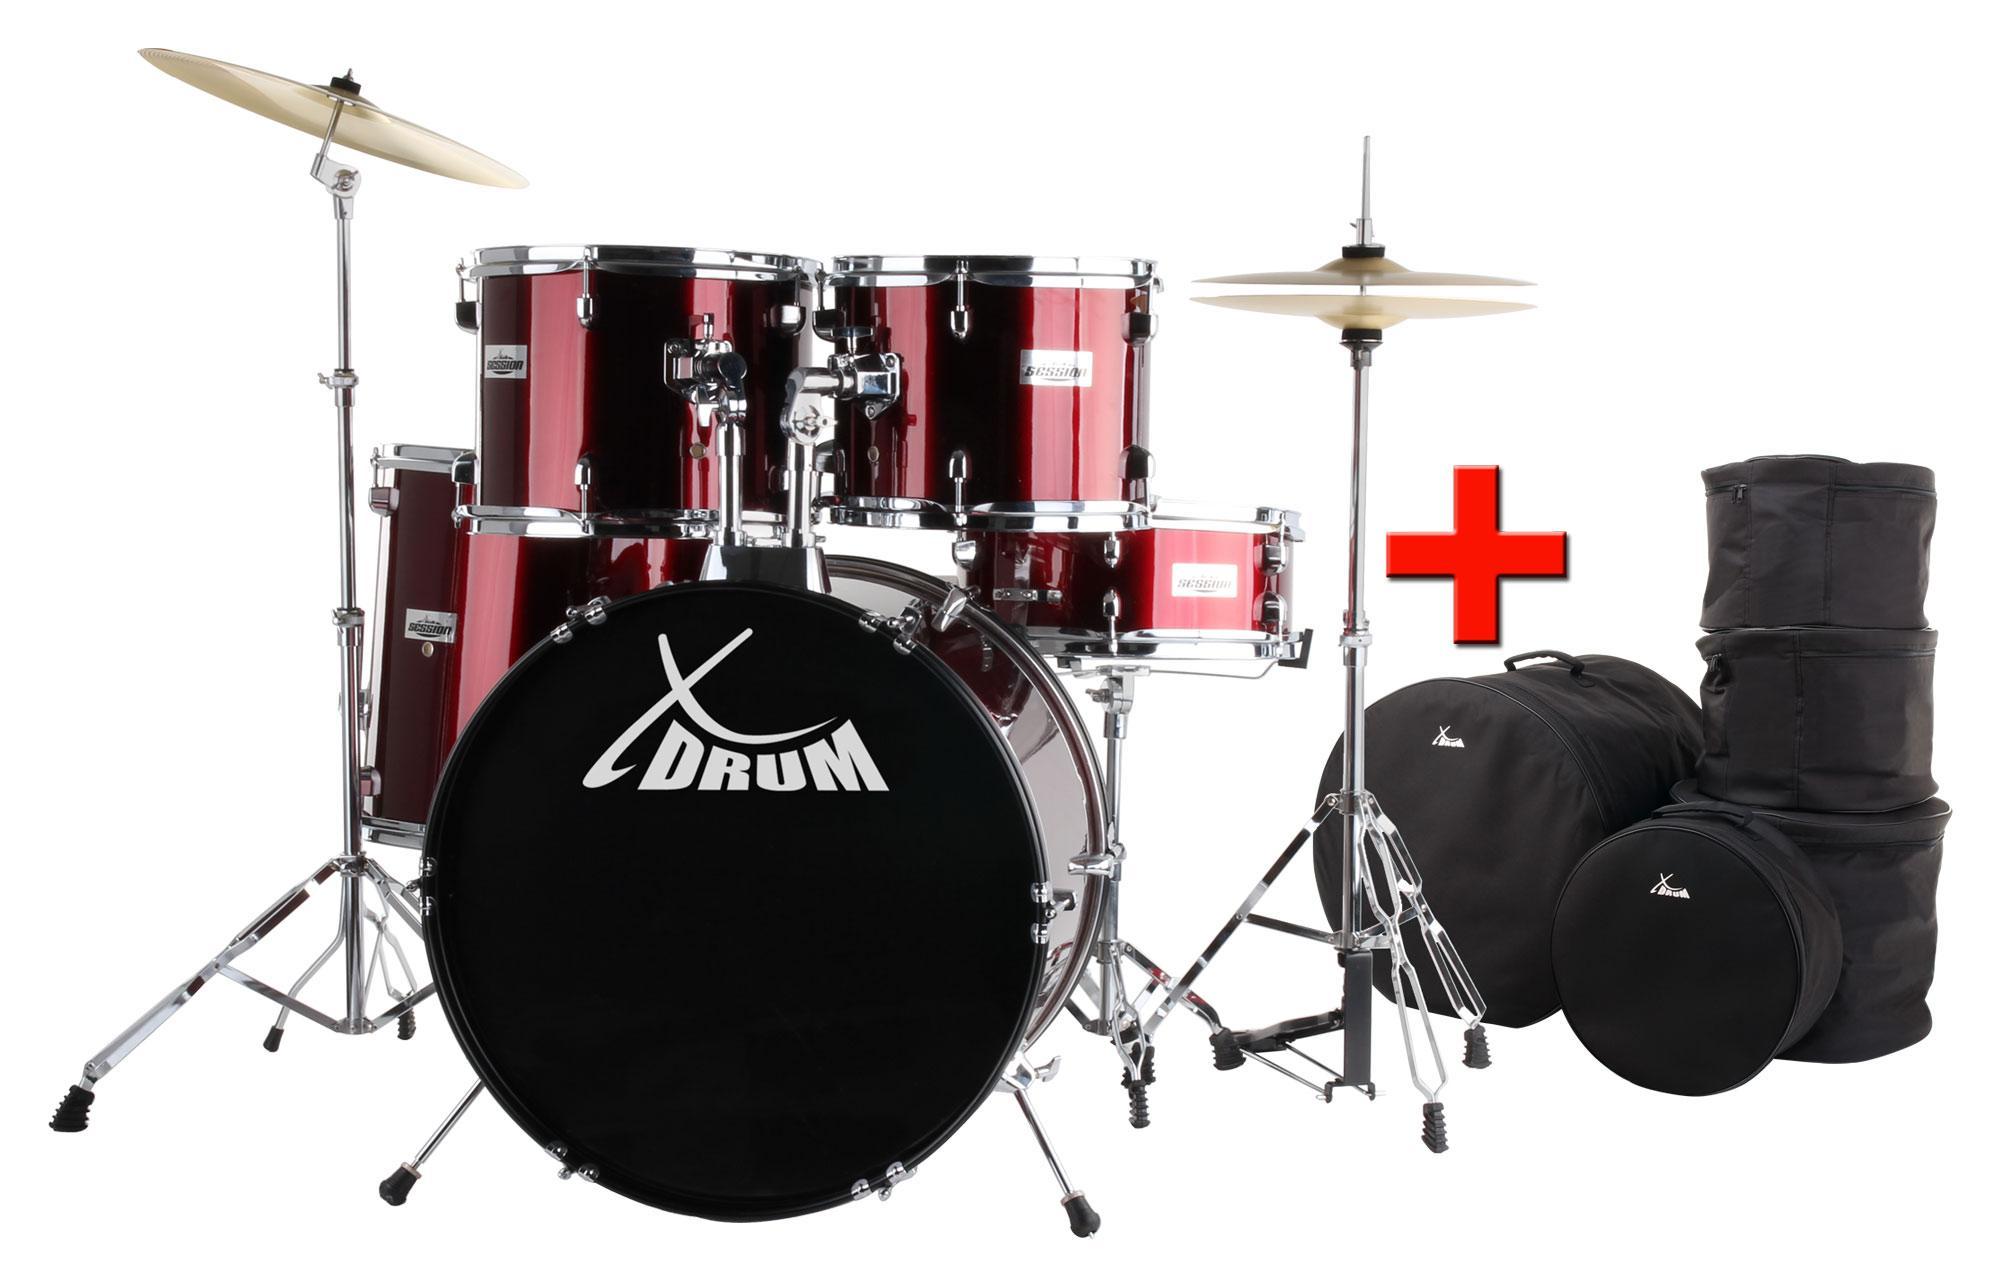 XDrum Semi Schlagzeug 22' Red SparSET Taschen